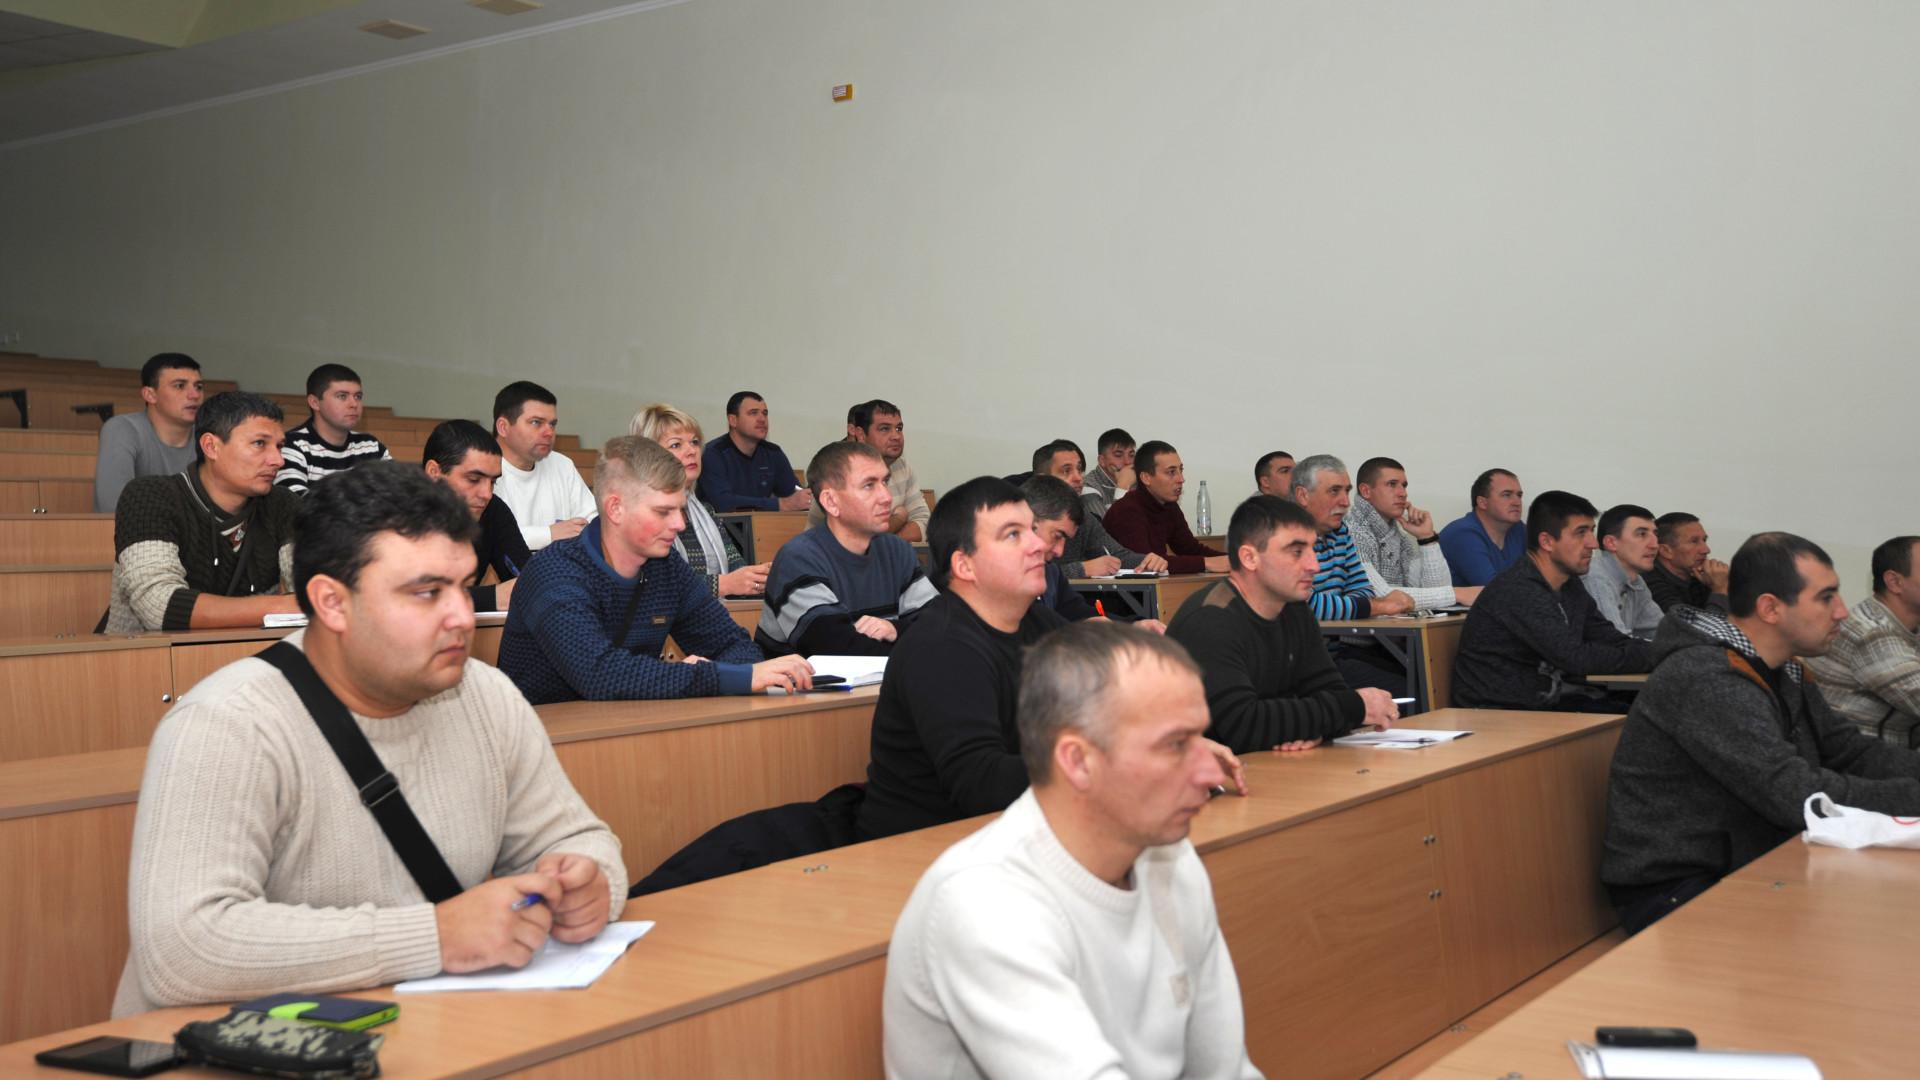 Спеціалісти  Південного регіону компанії «НІБУЛОН» у Миколаївському національному аграрному університеті